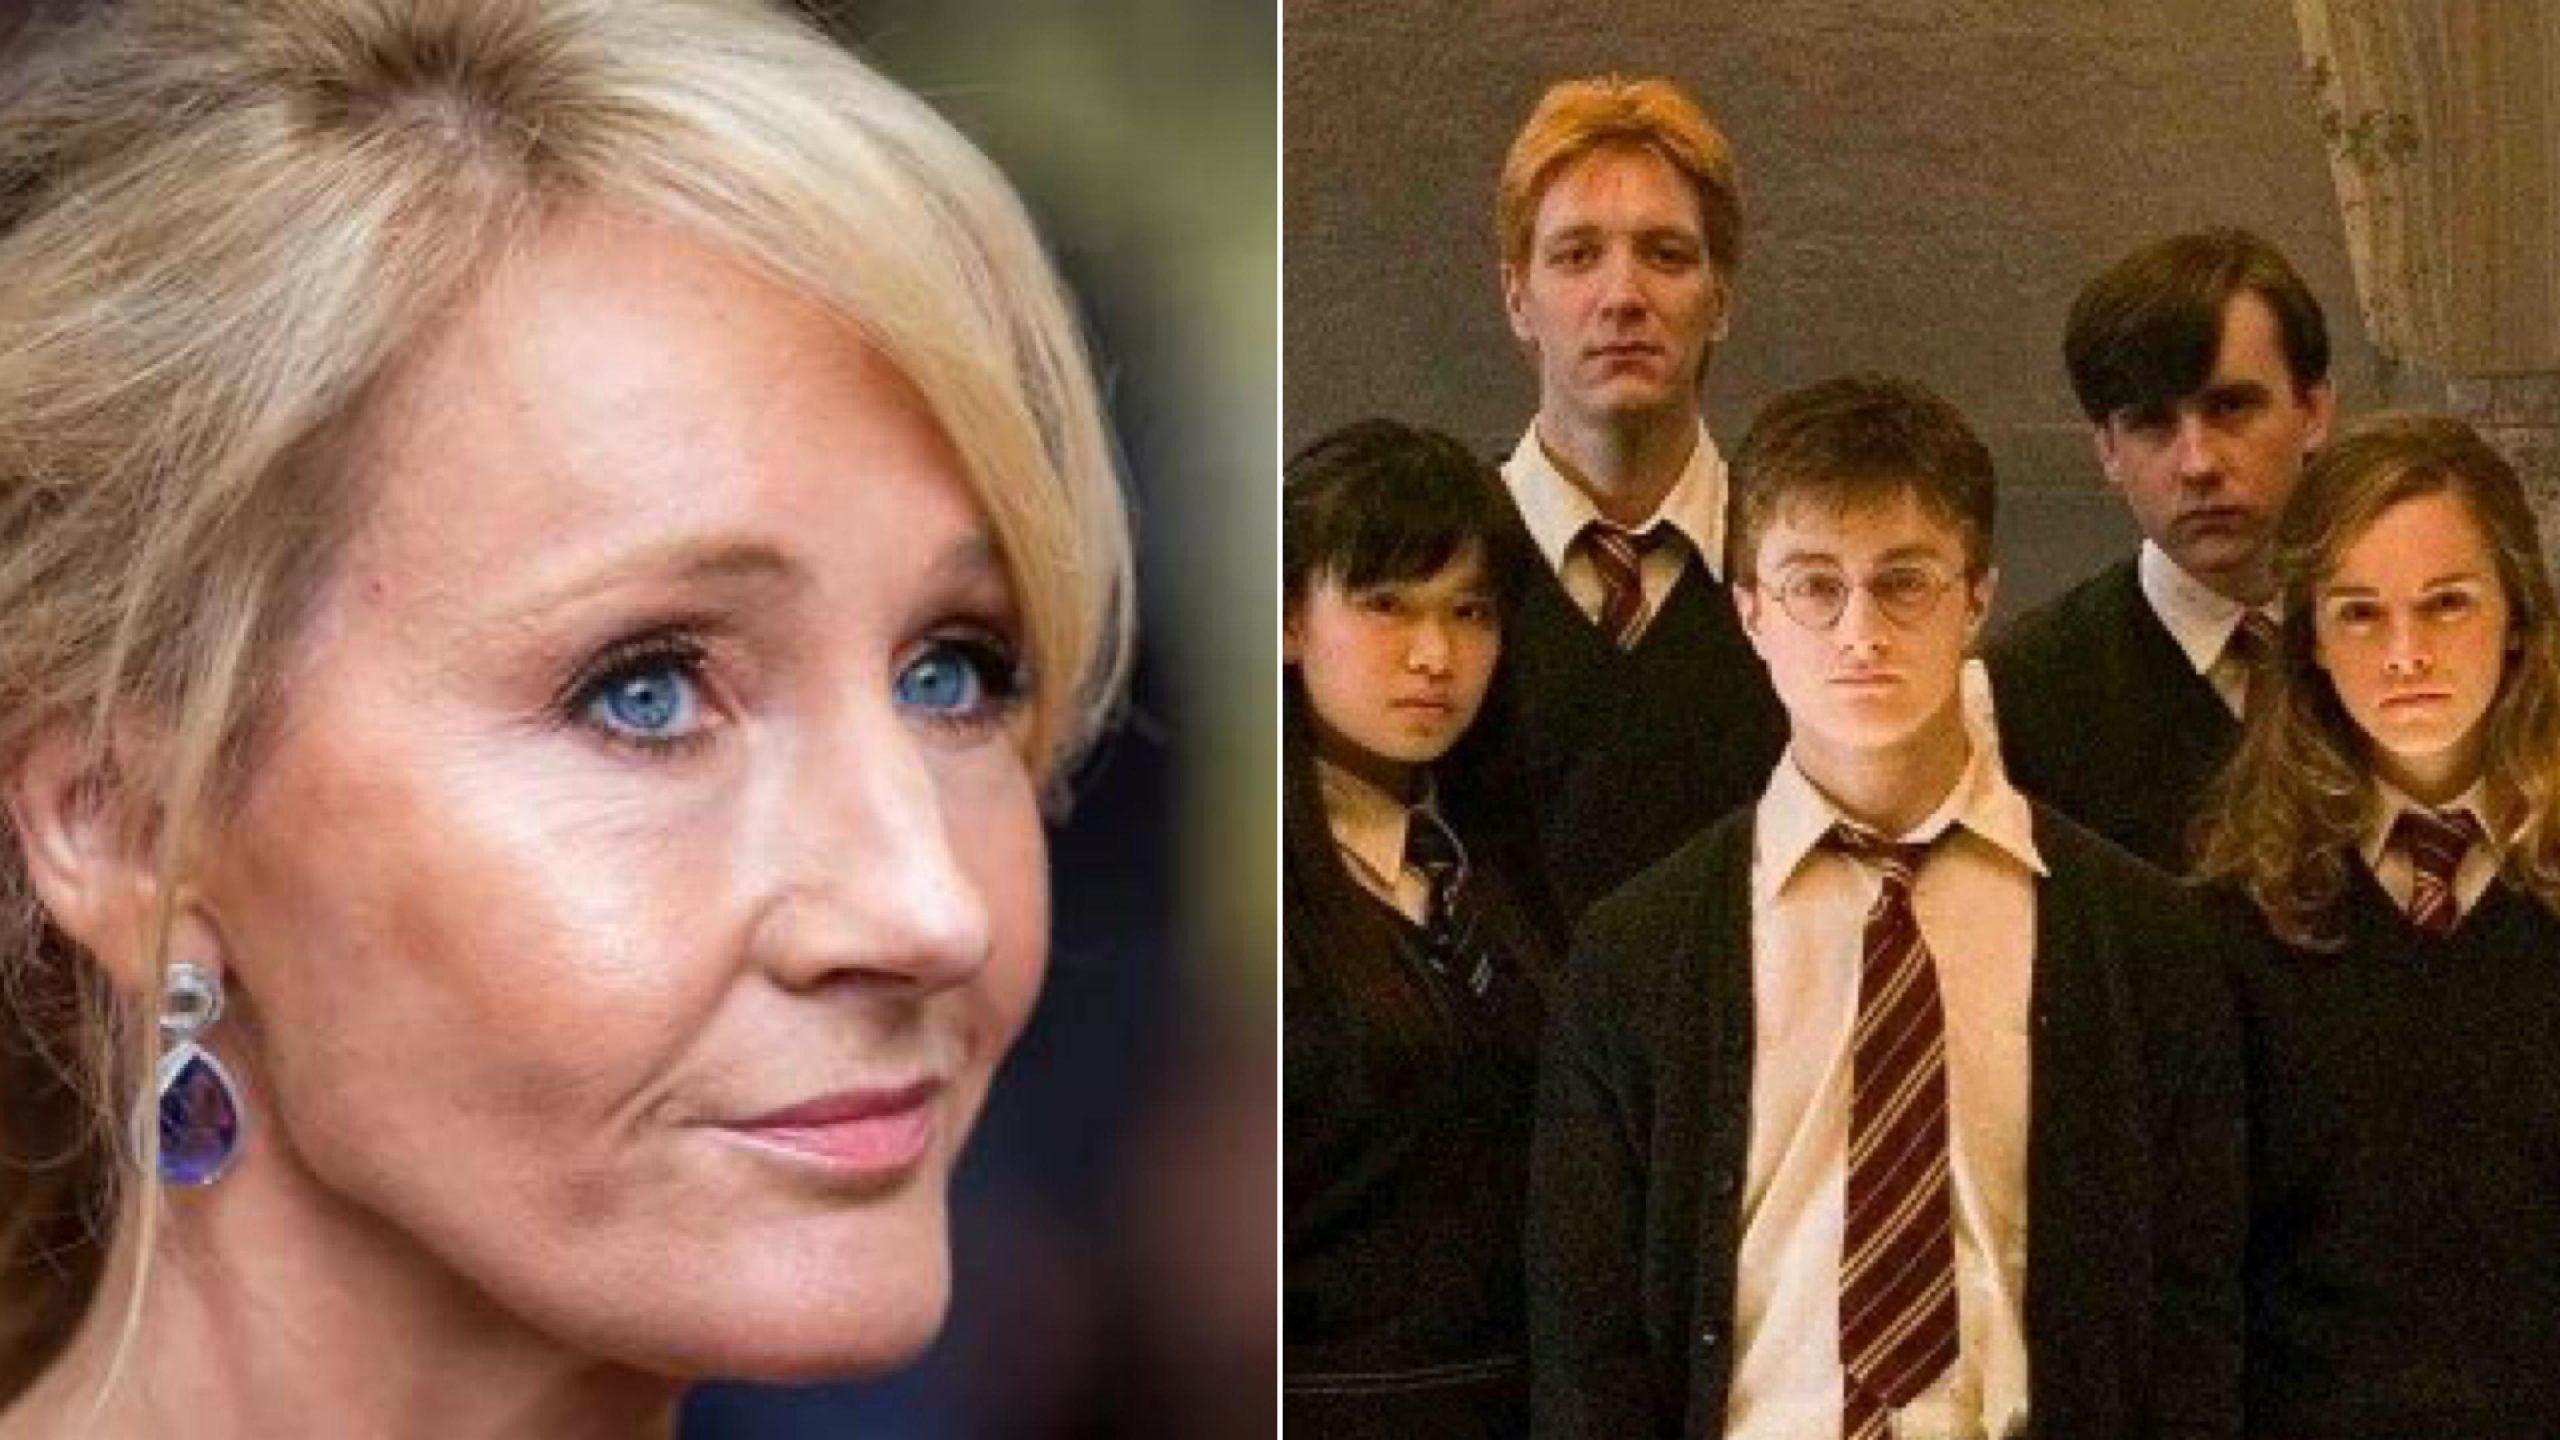 多名《哈利波特》演員公開「批評JK羅琳」,羅琳再發一篇長文反擊…. – 我們用電影寫日記